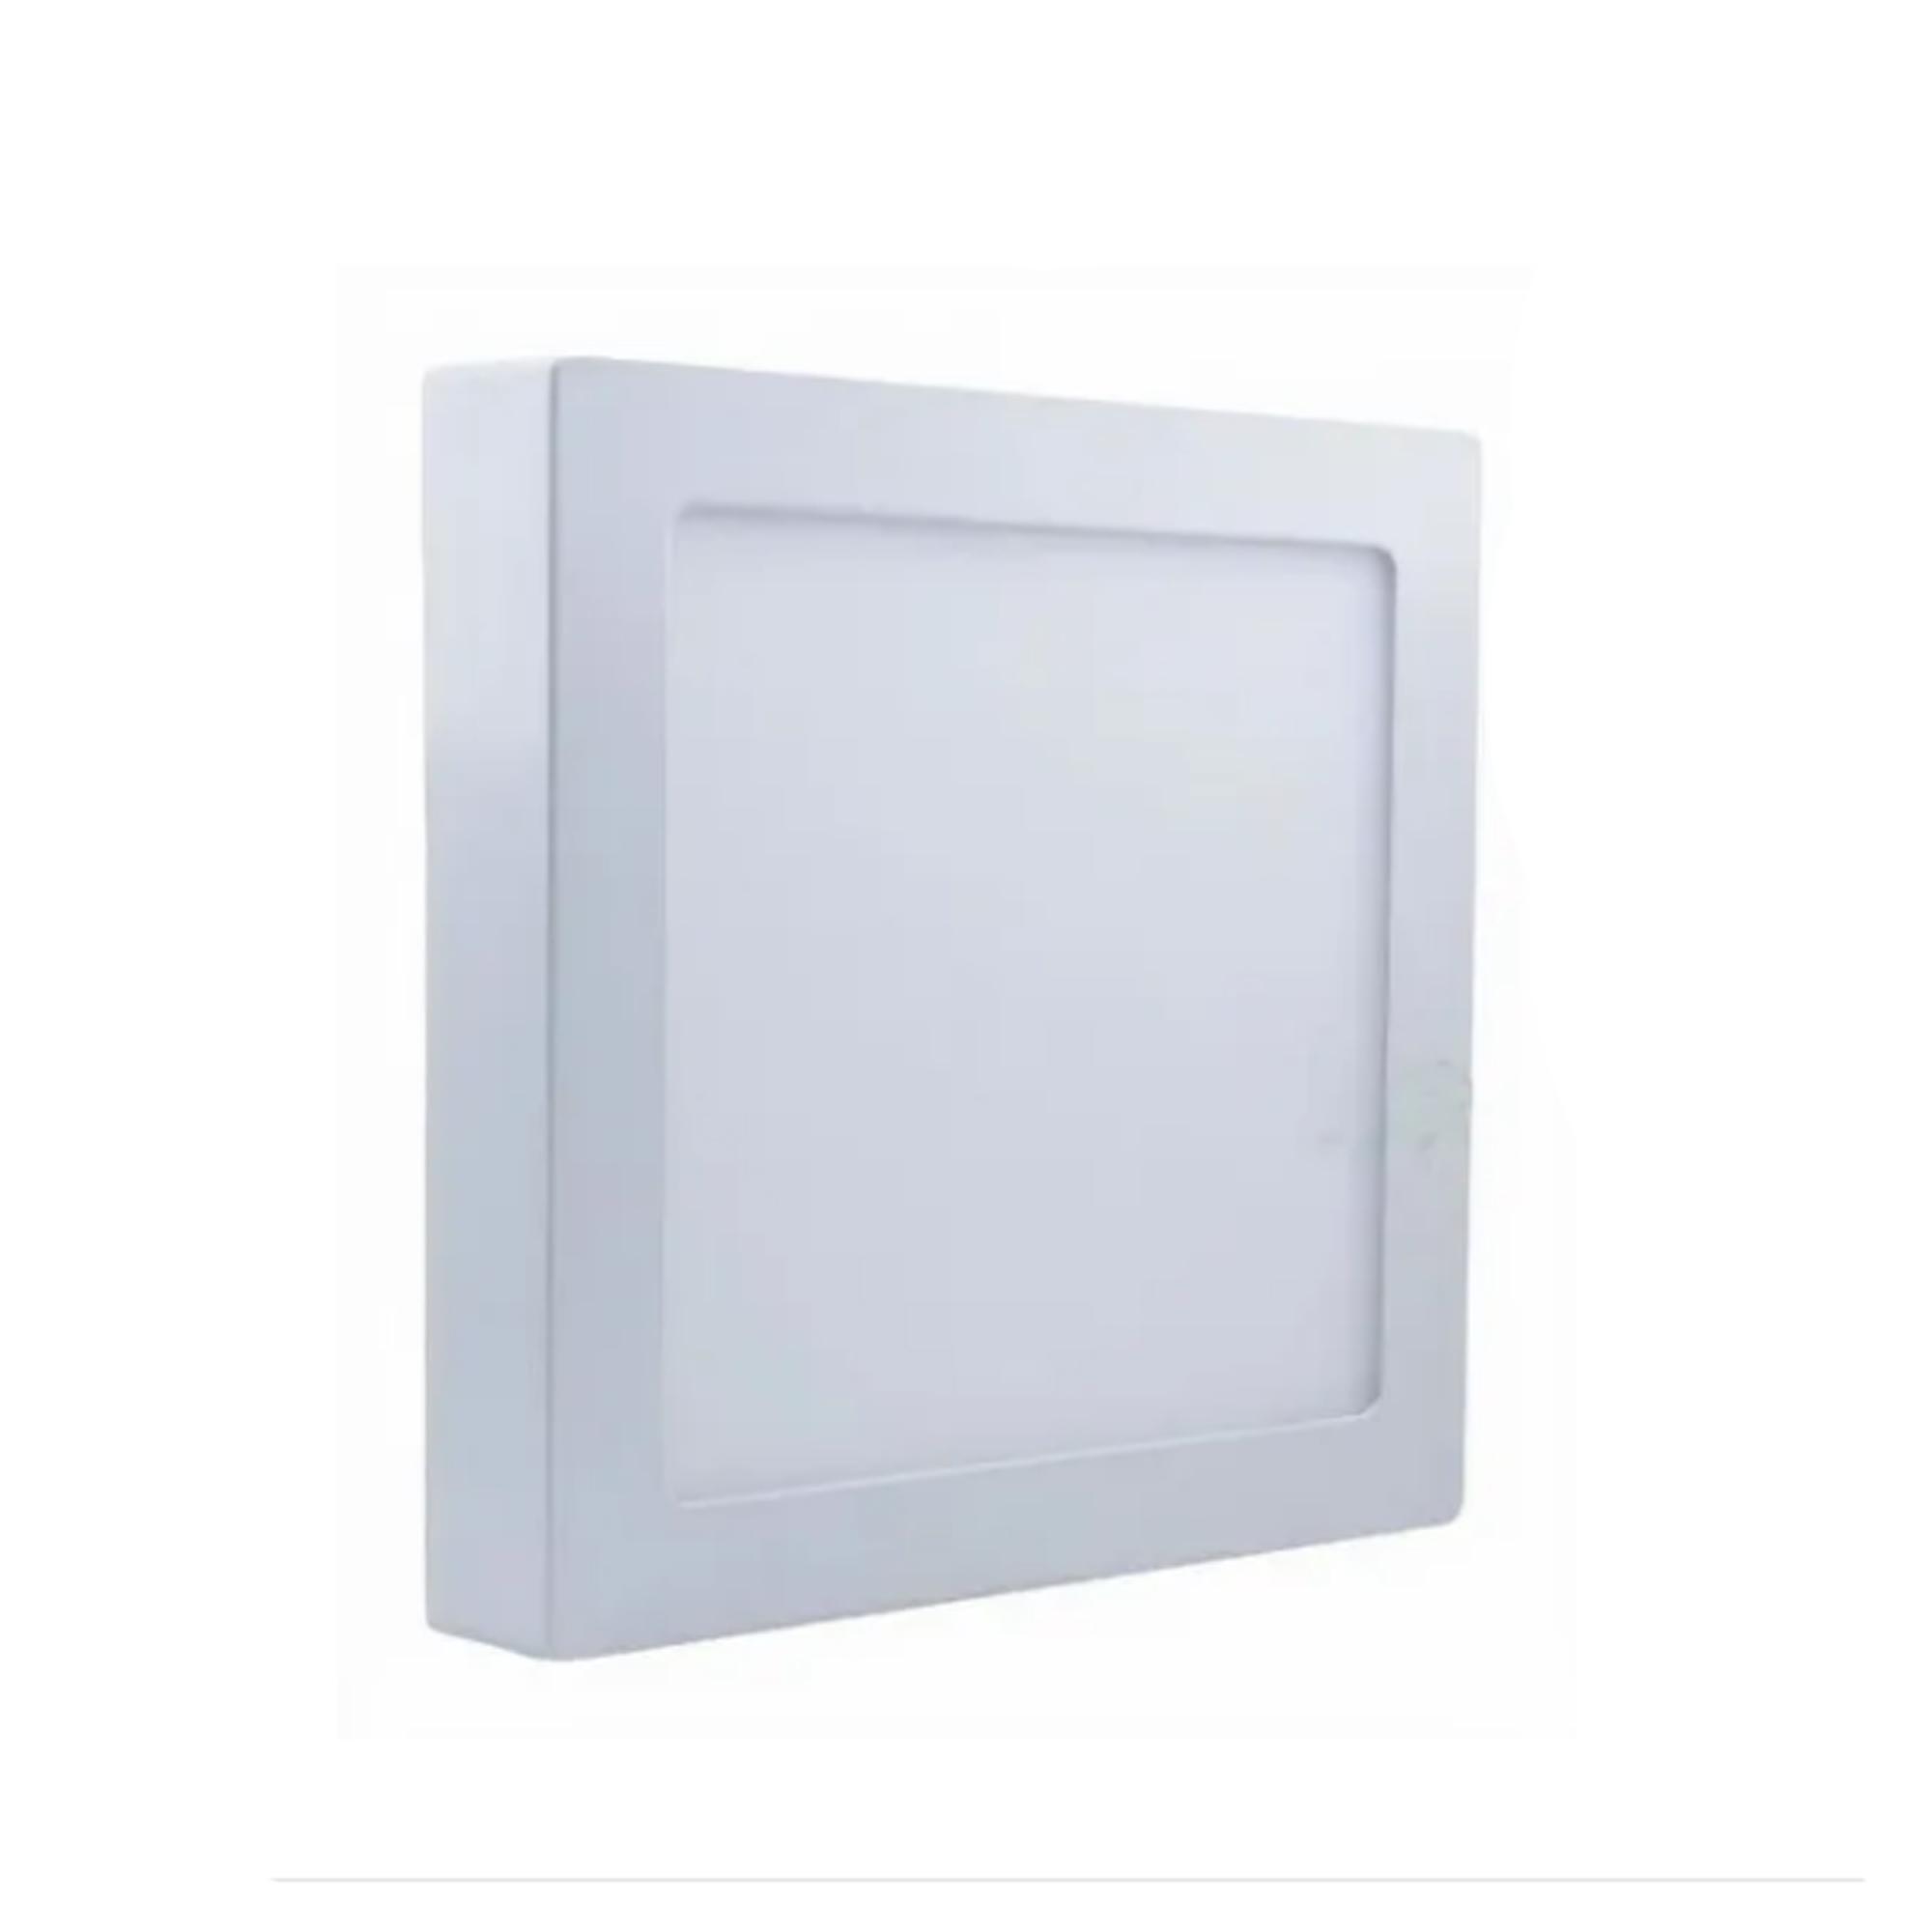 Plafon LED Sobrepor 18W Quadrado / Branco Frio